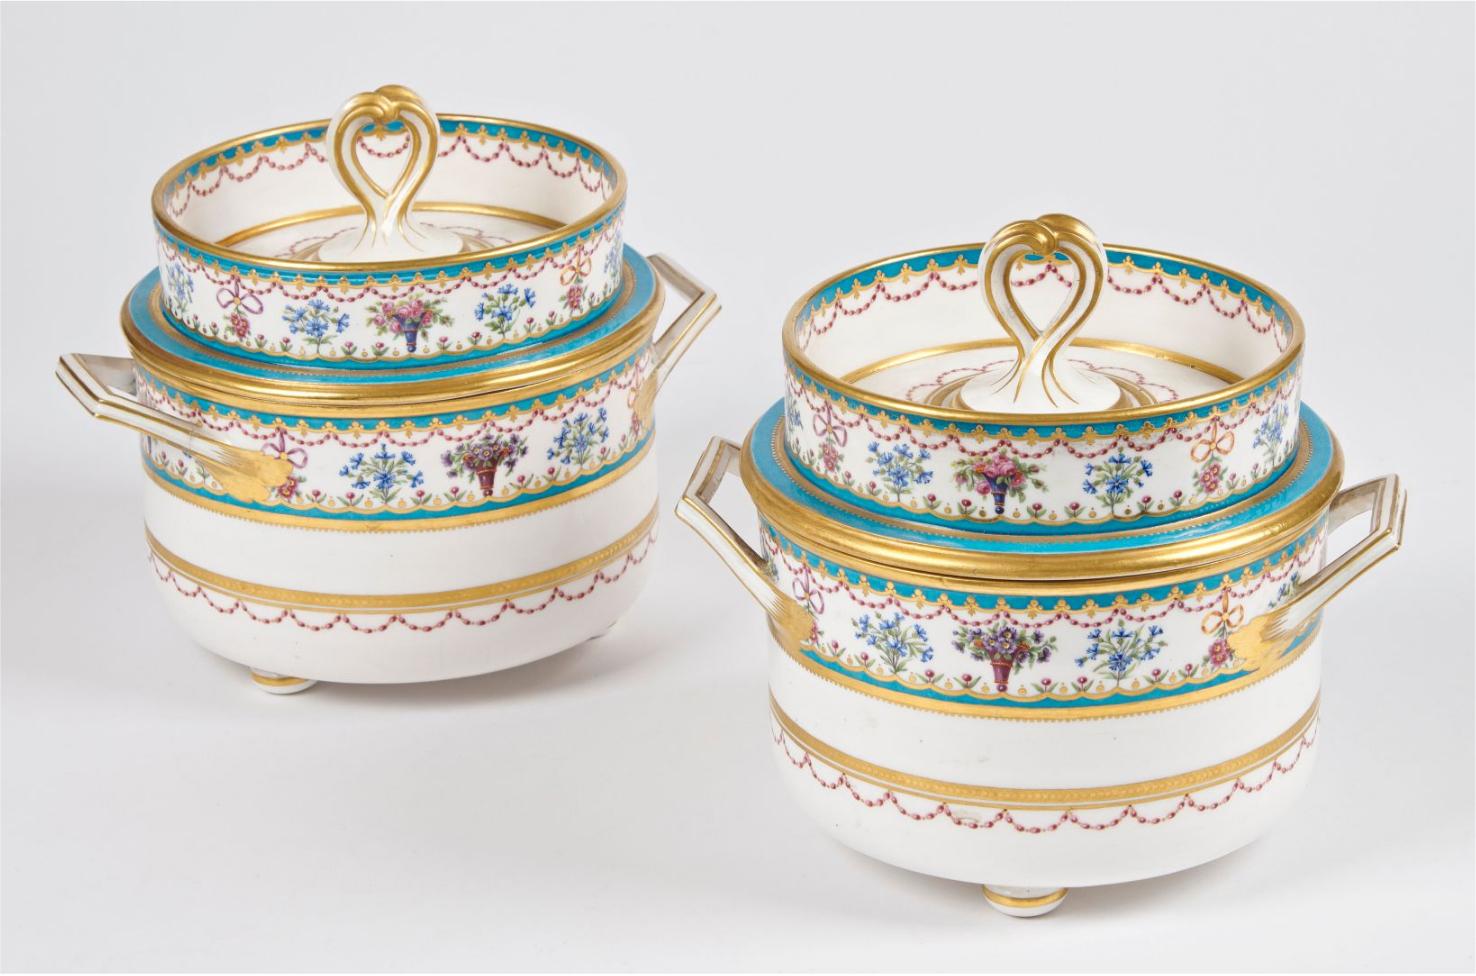 """€2,921Sèvres, two soft-paste porcelain lidded coolers from the """"Festons bleu céleste"""" service, 1788, h. 20.5 cm/8 in.Paris, Drouot, Januar"""